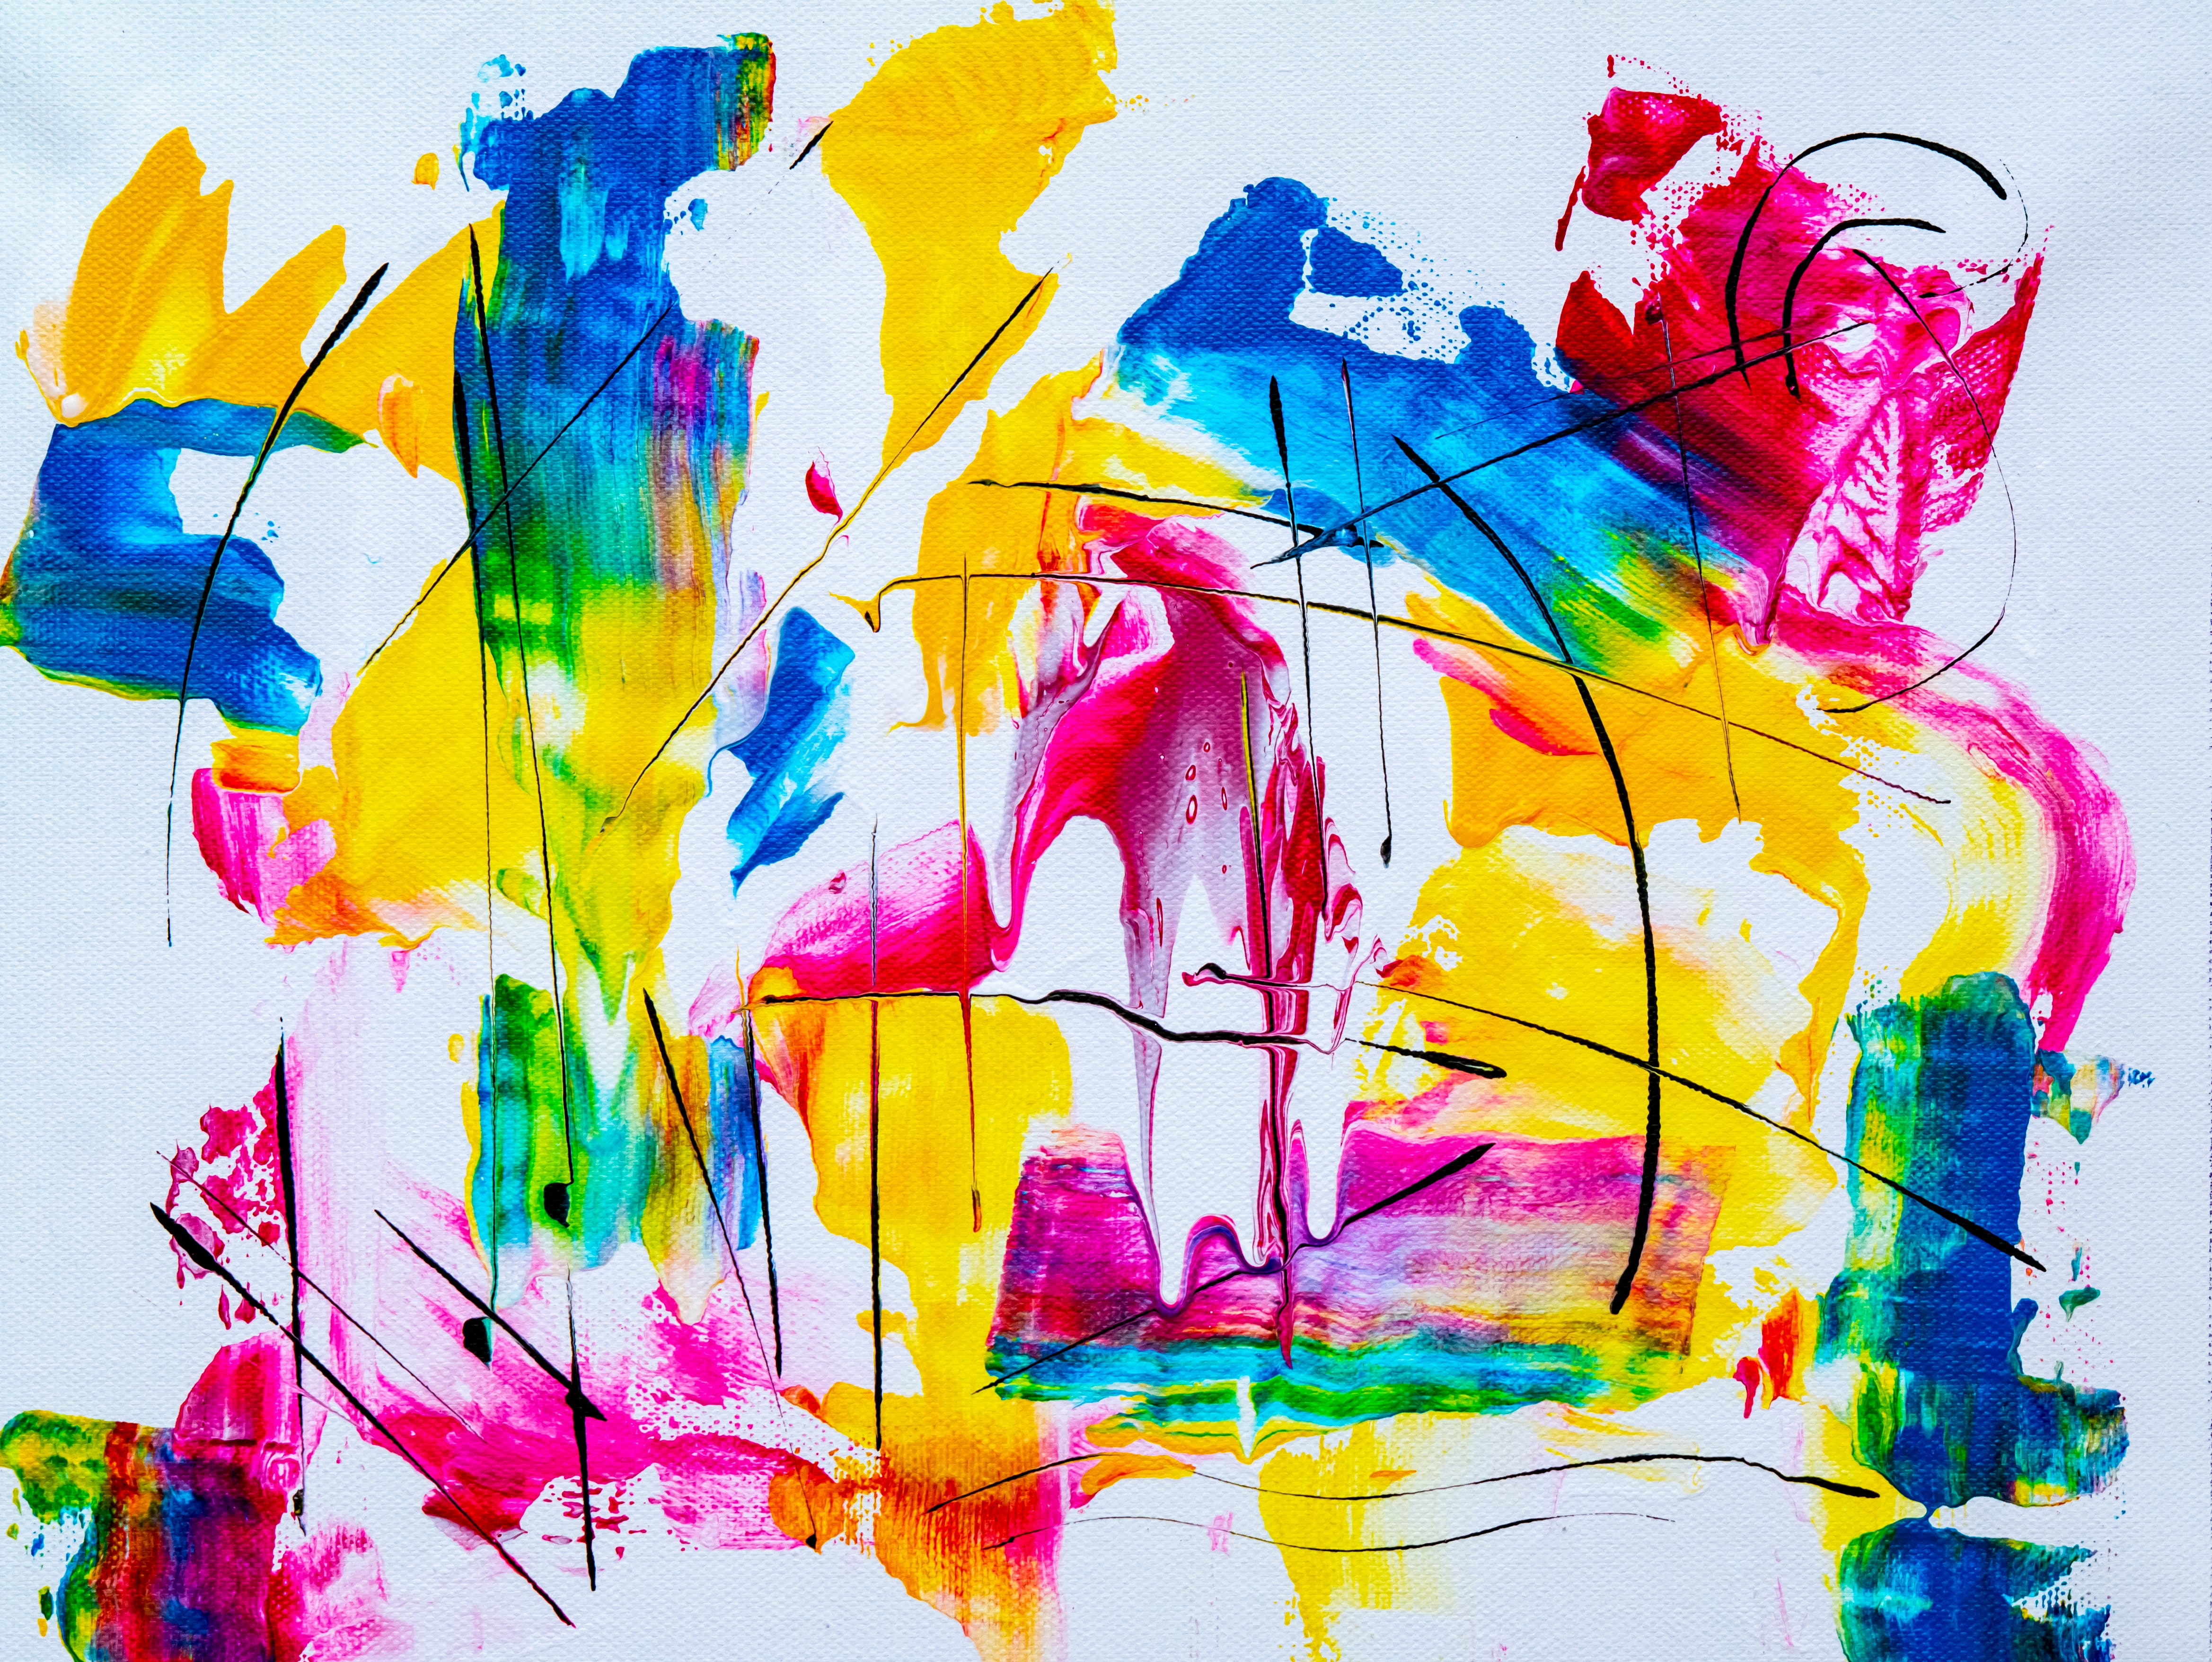 akrilik boya, artistik, boya